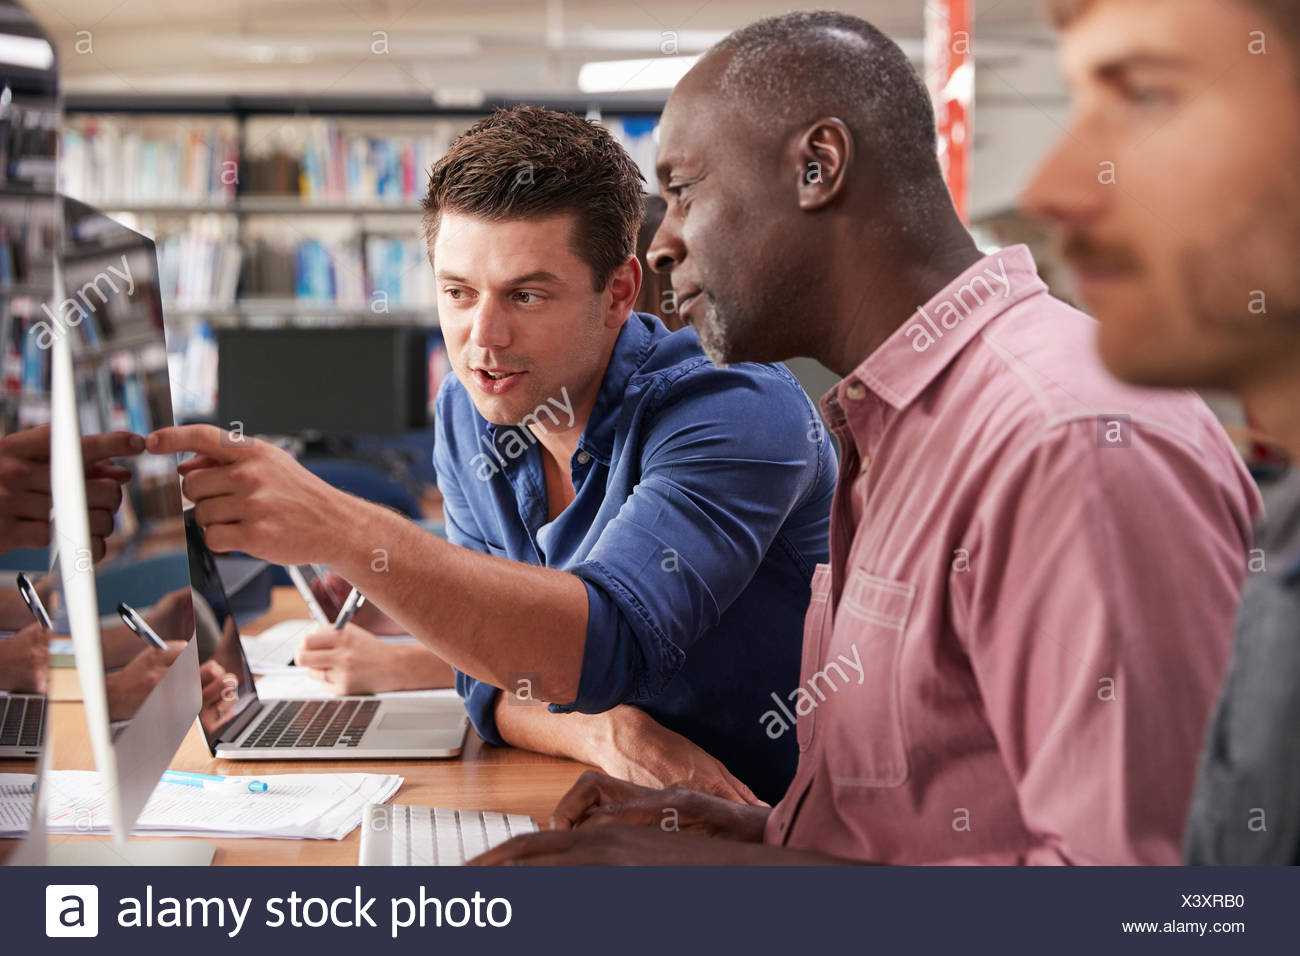 Macho maduro estudiante con tutor aprendizaje de computación Imagen De Stock